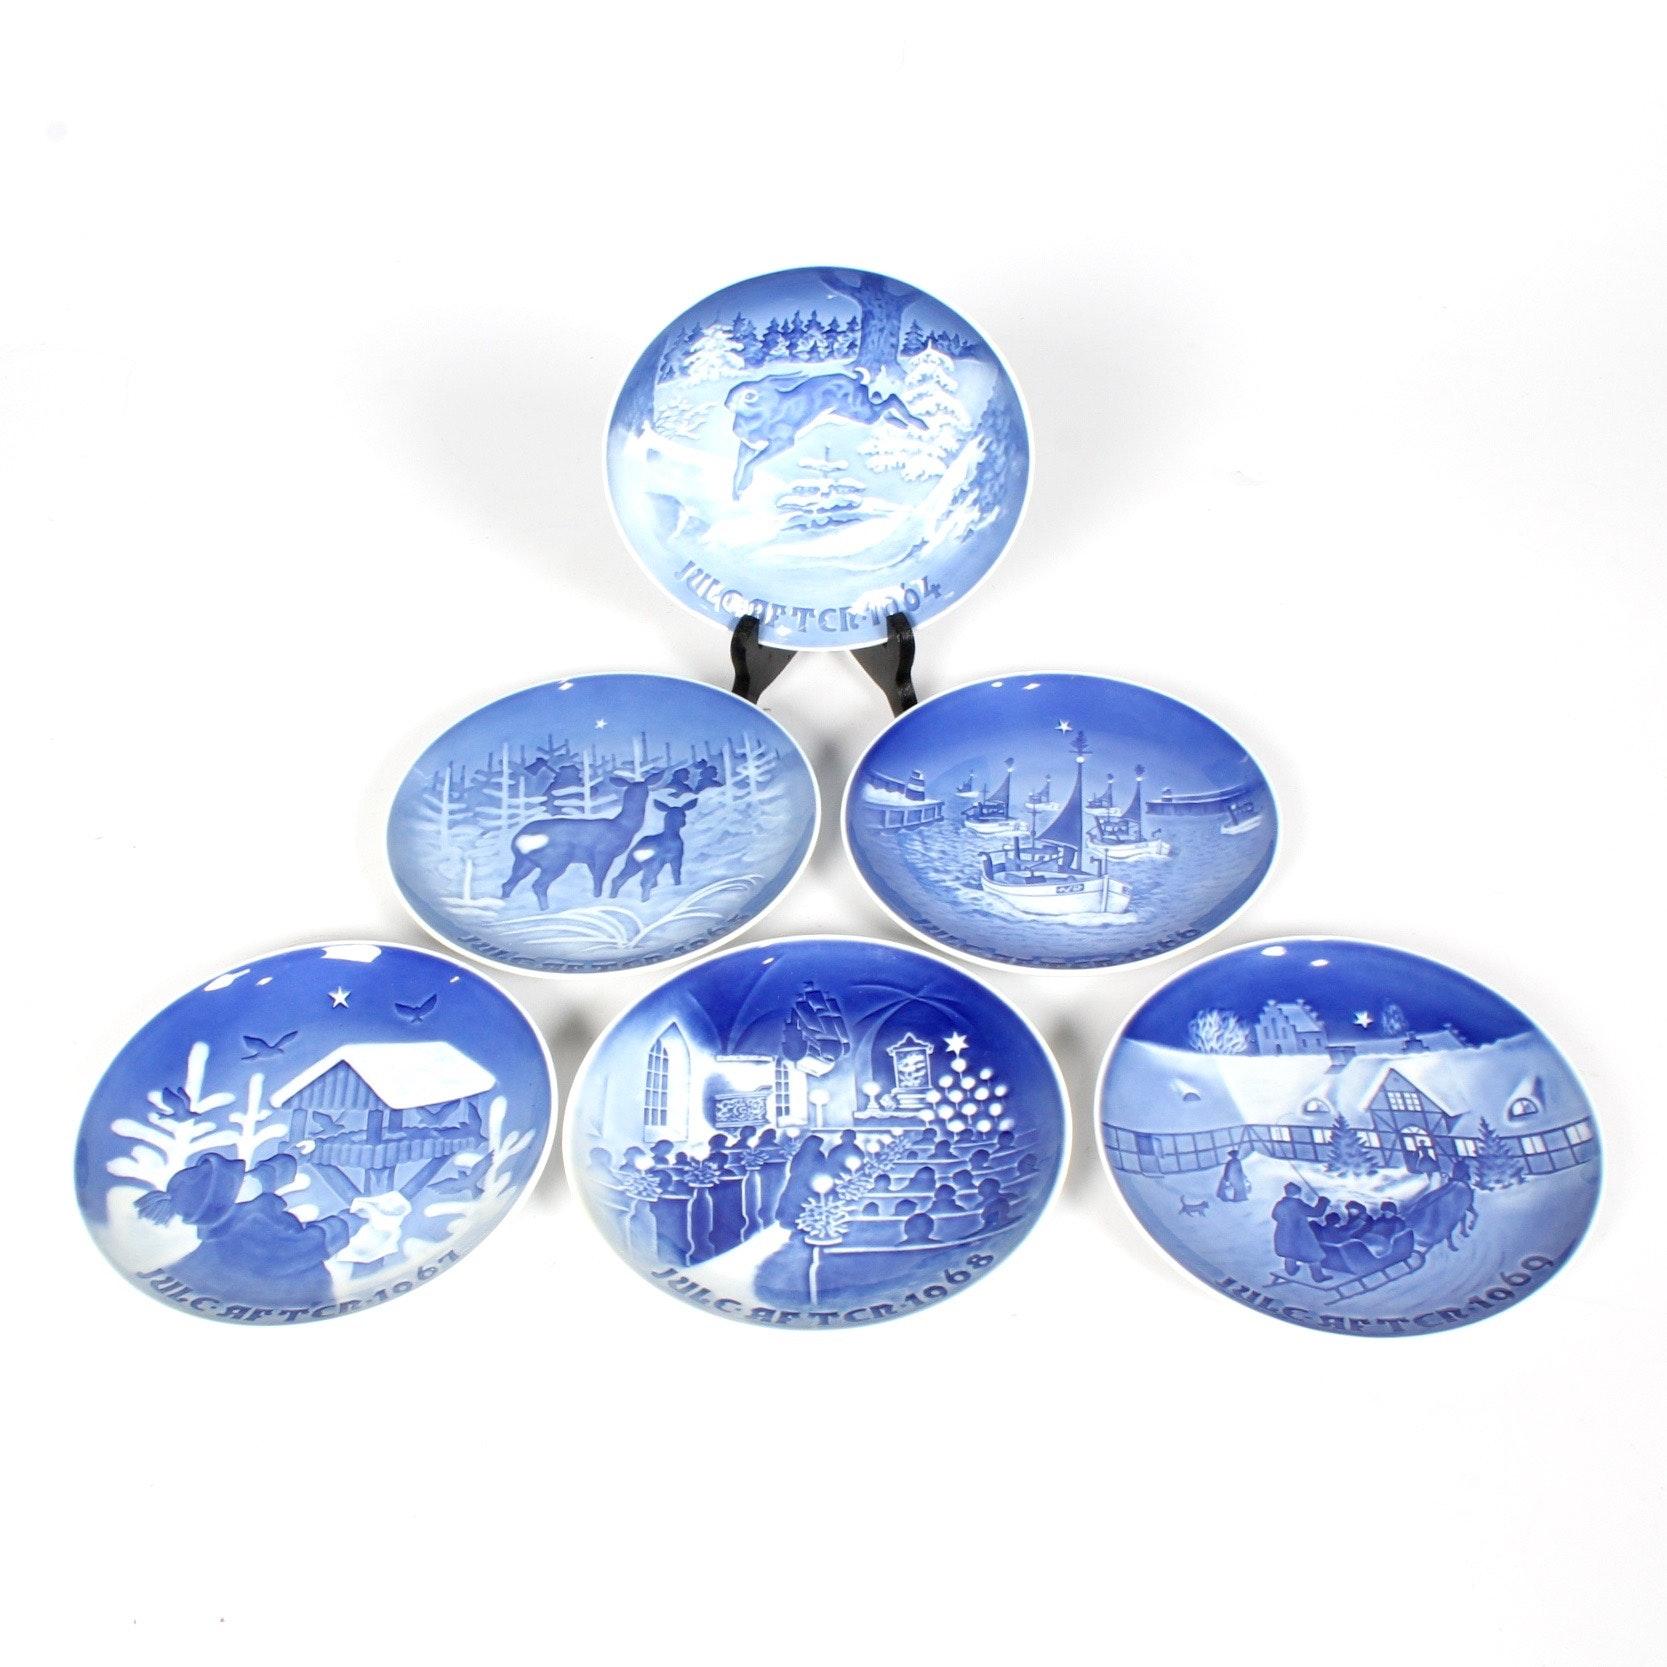 Bing & Grondahl 1960s Christmas Plates